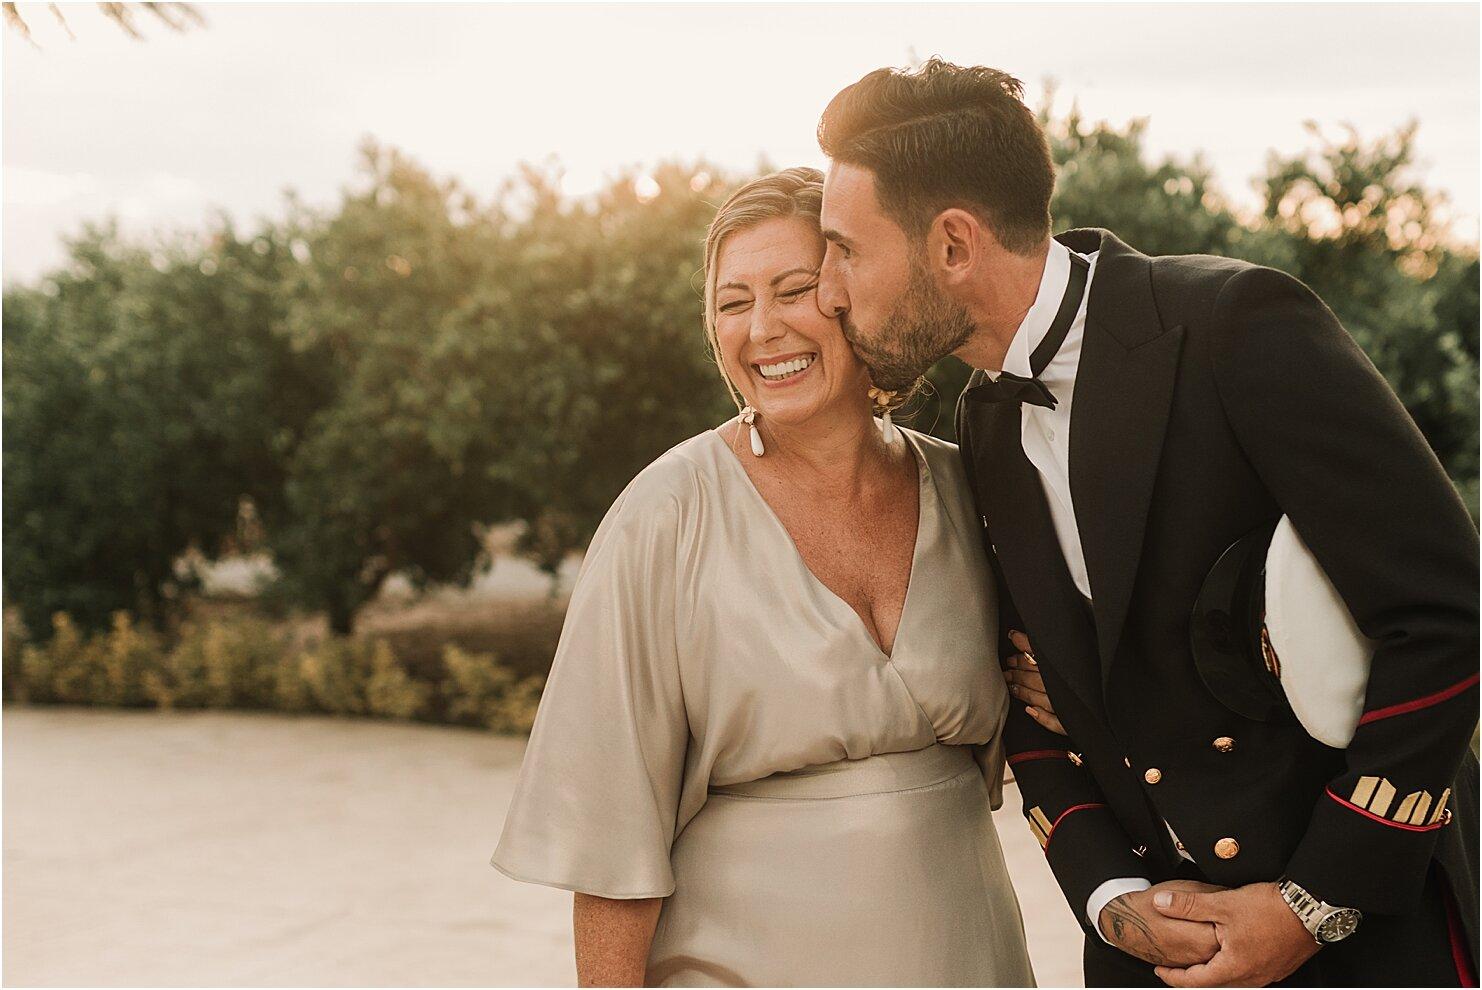 boda-romantica-boda-boho-vestido-de-novia-laura-lomas9.jpg